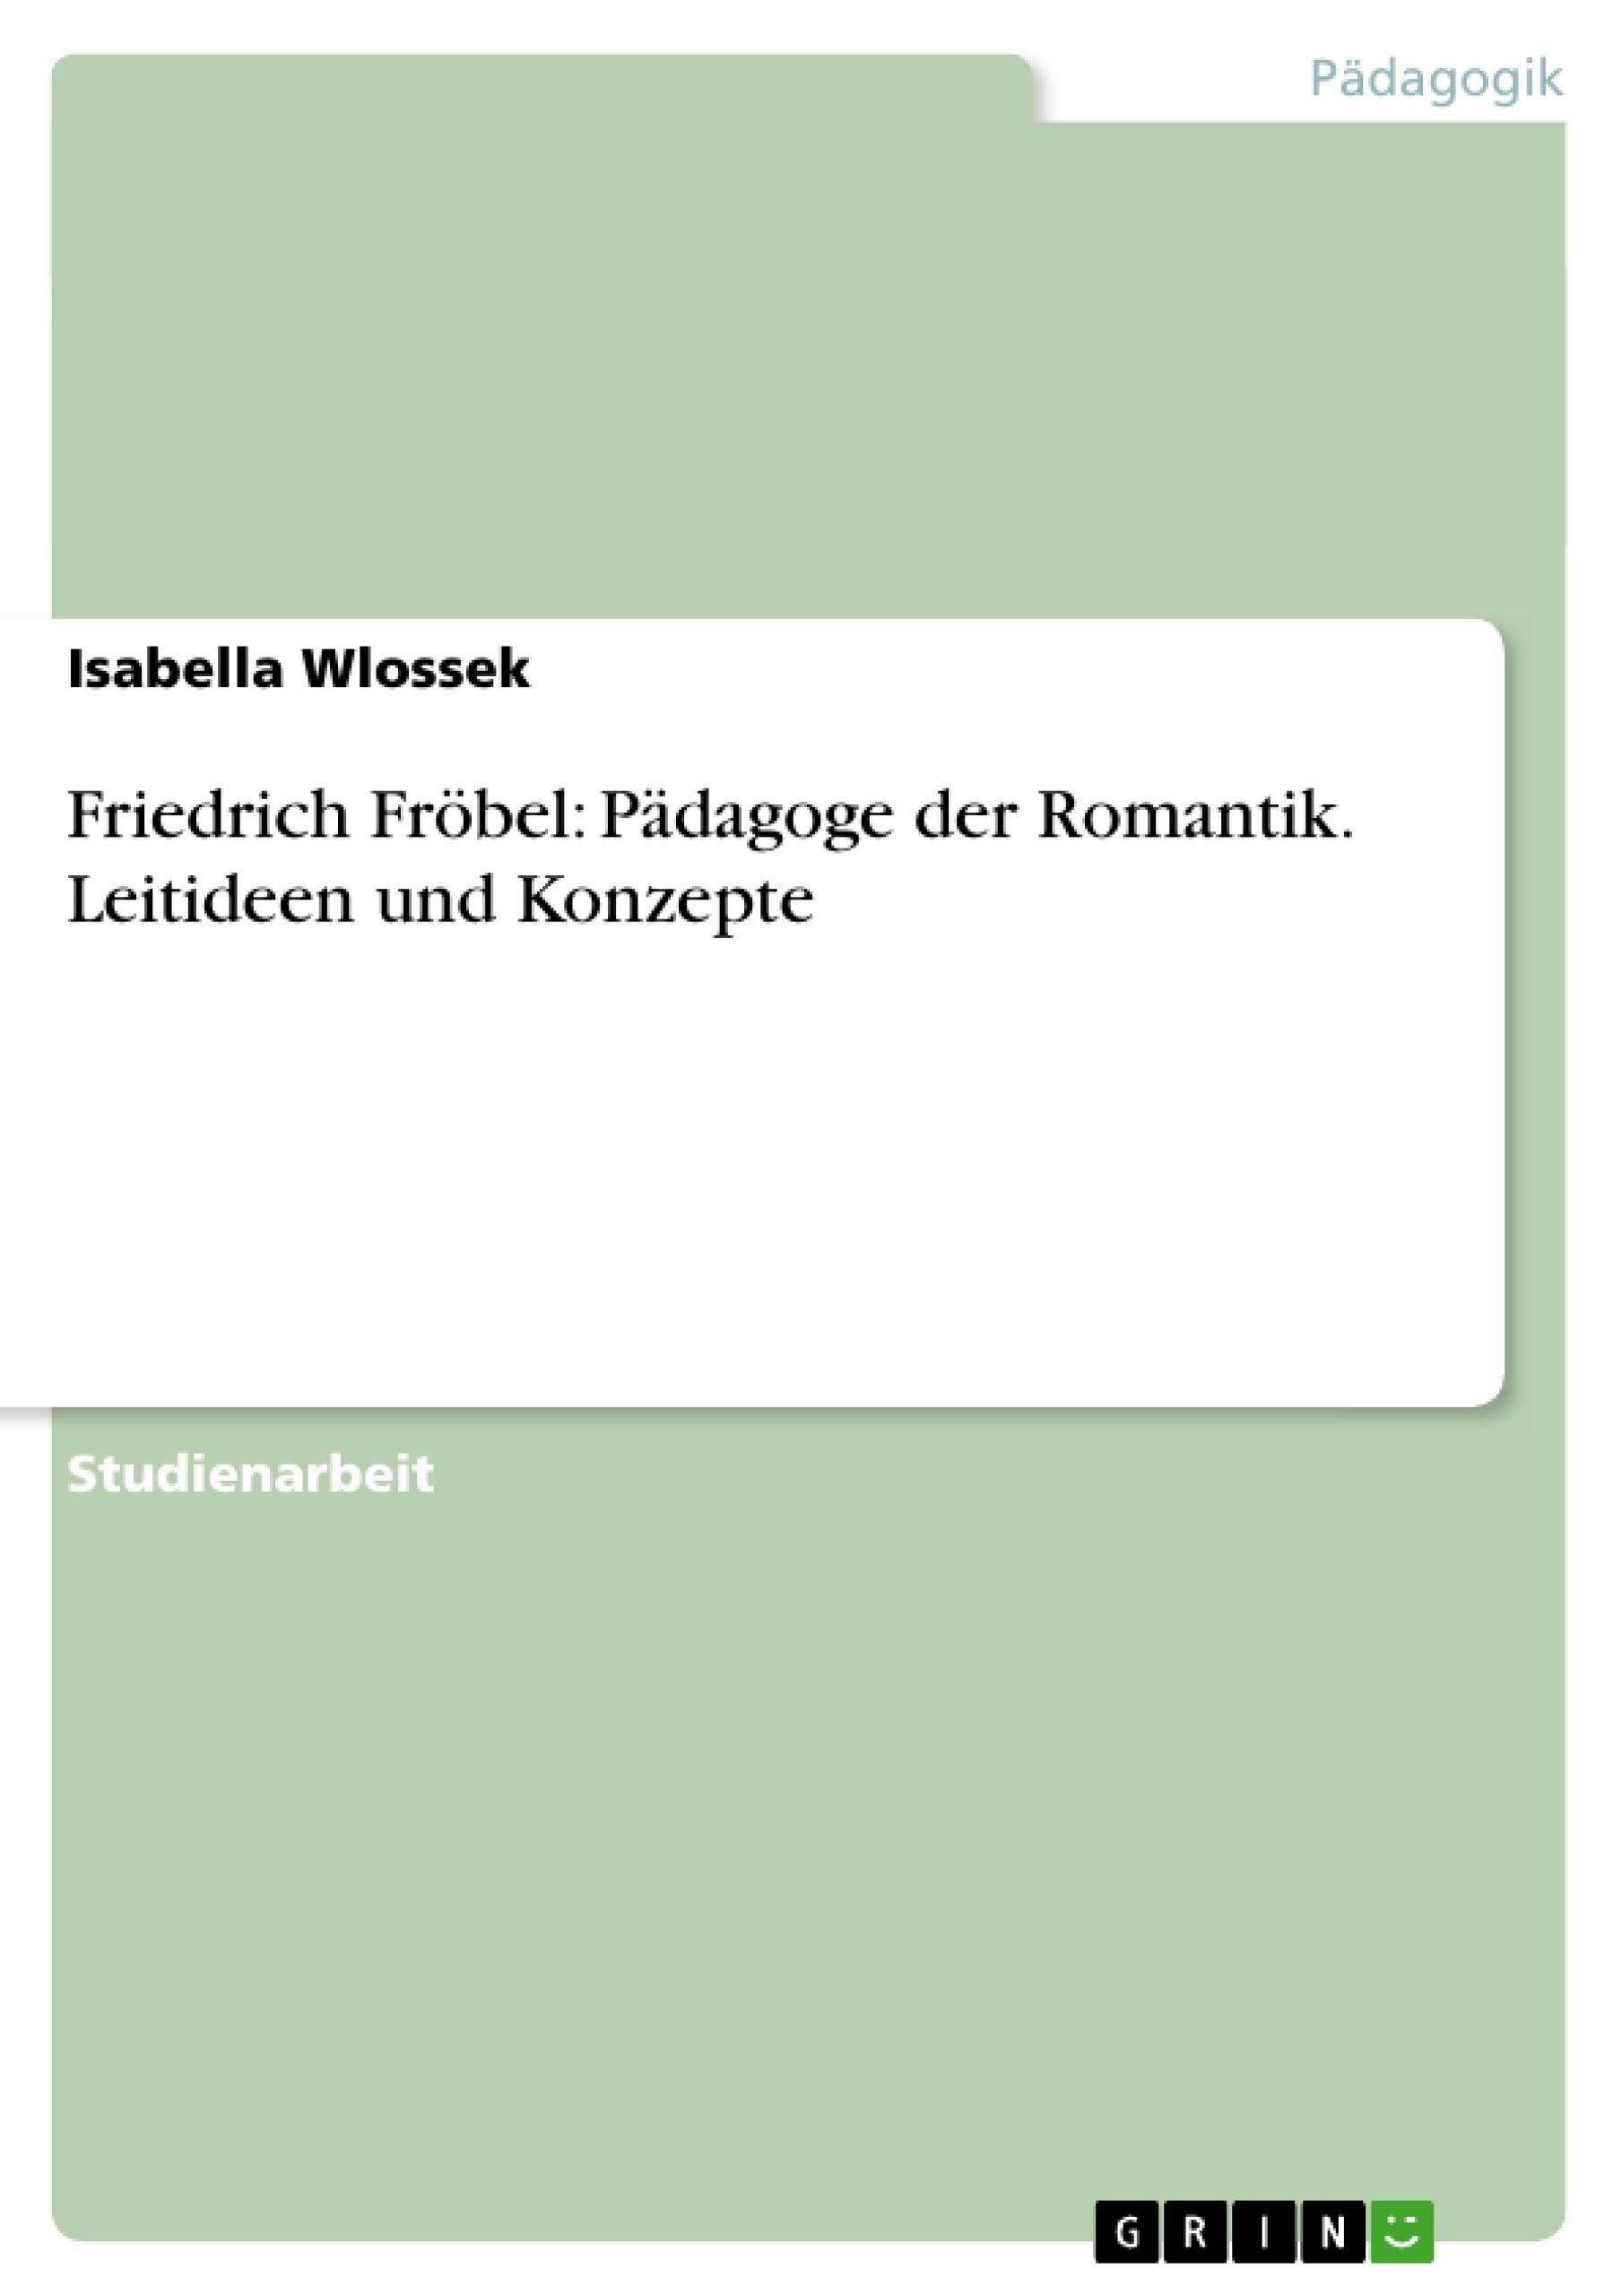 Titel: Friedrich Fröbel: Pädagoge der Romantik. Leitideen und Konzepte